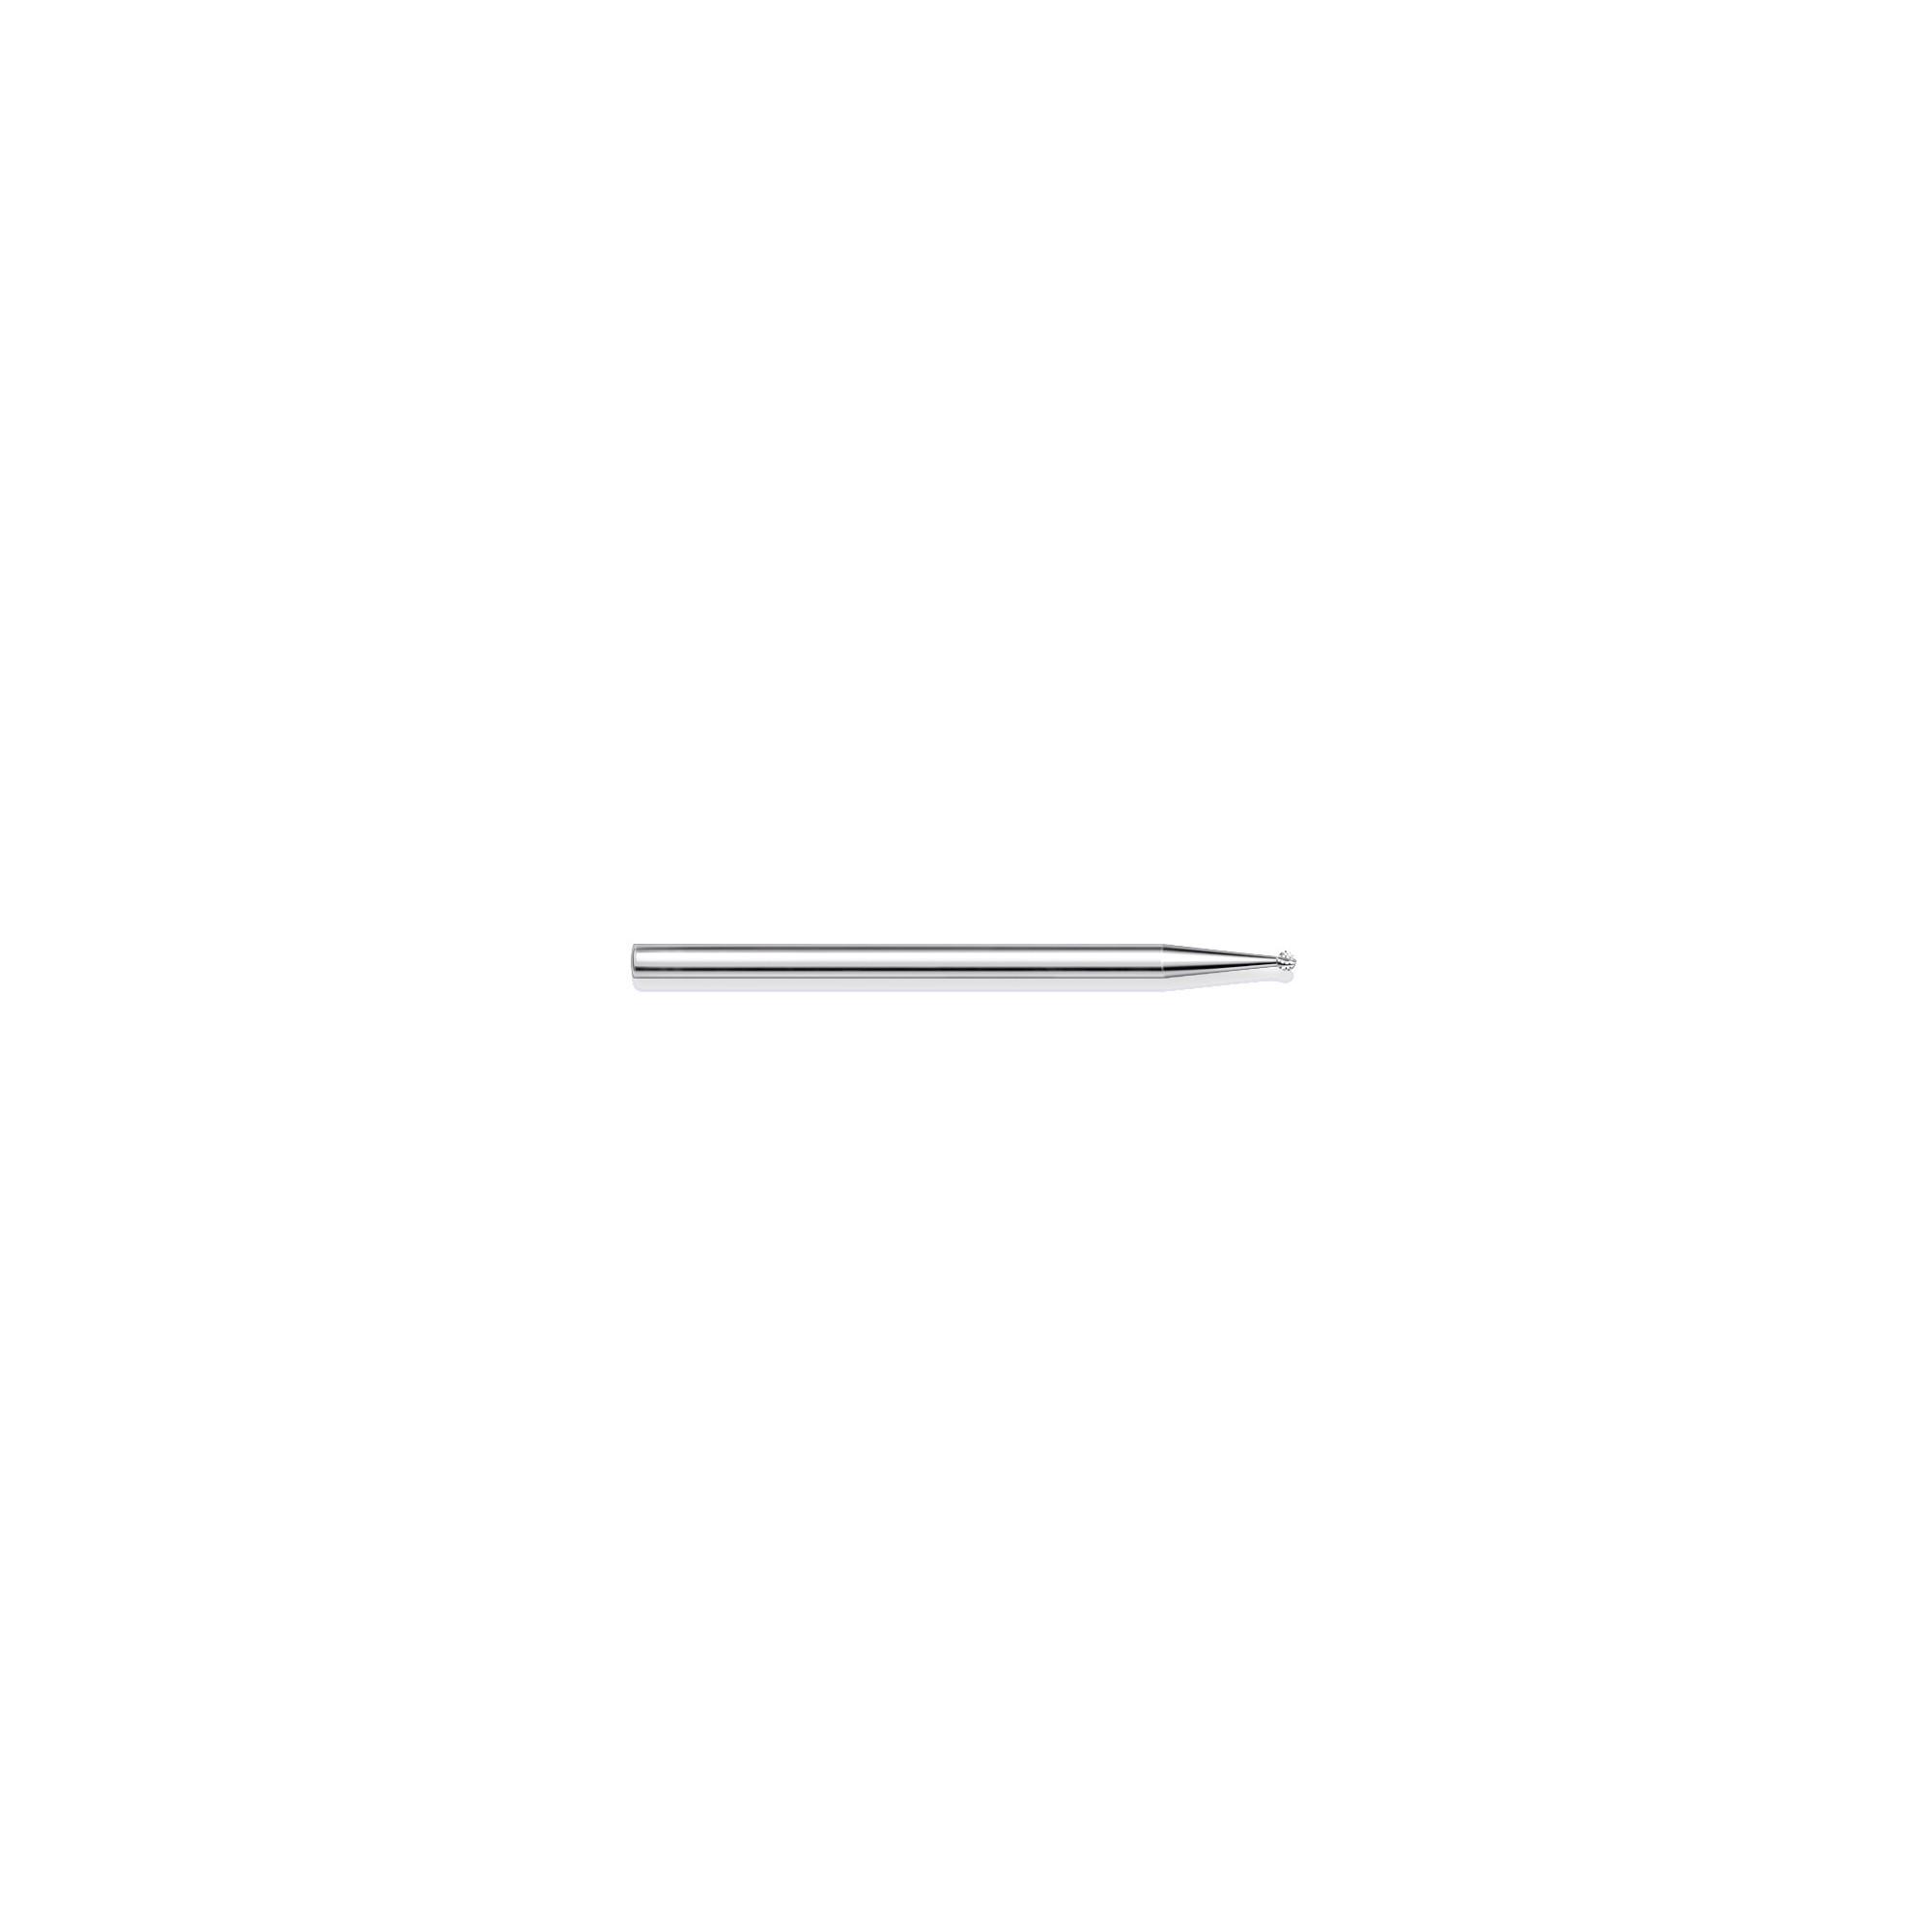 Fraise 11RS - Acier inoxydable - Enucléation des cors - 1,4 mm